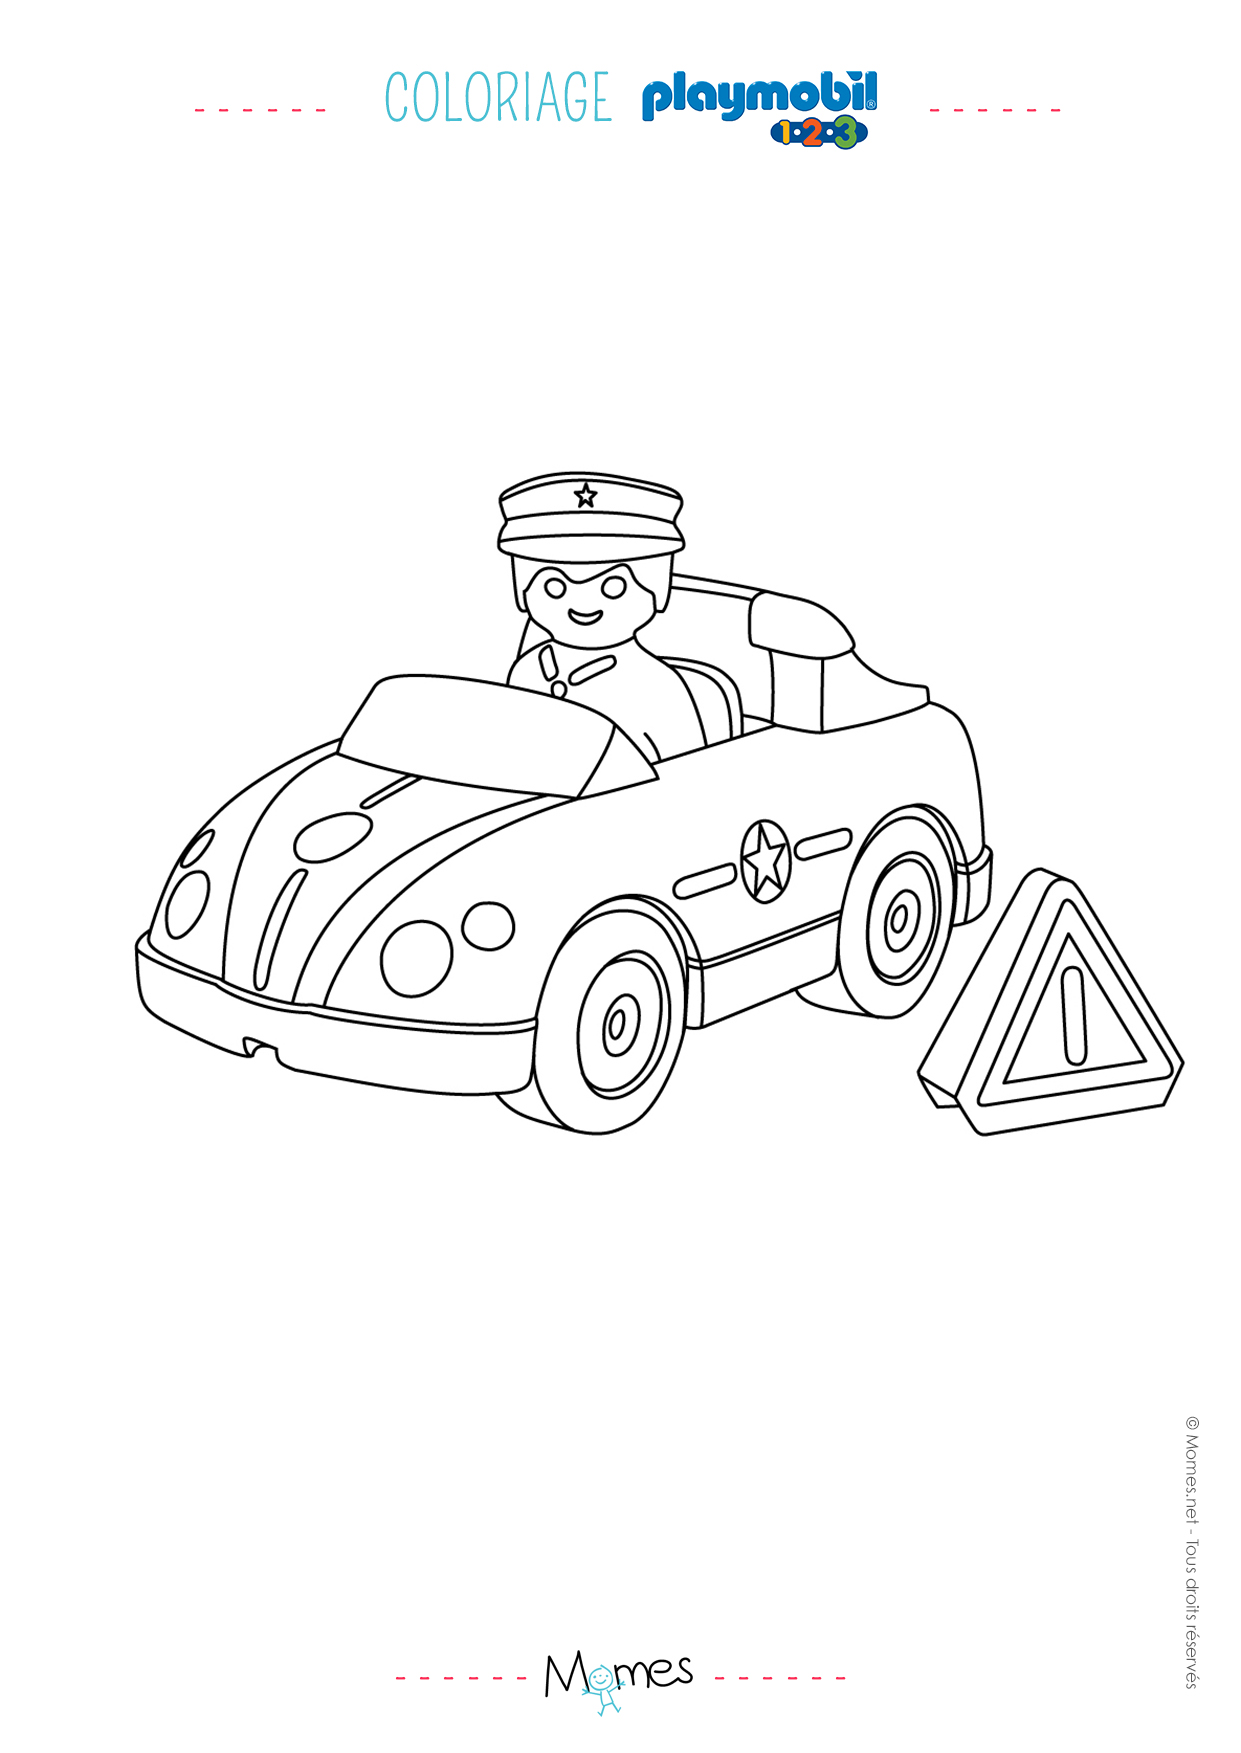 Coloriage la voiture de police et le policier playmobil 123 - Coloriage de om ...